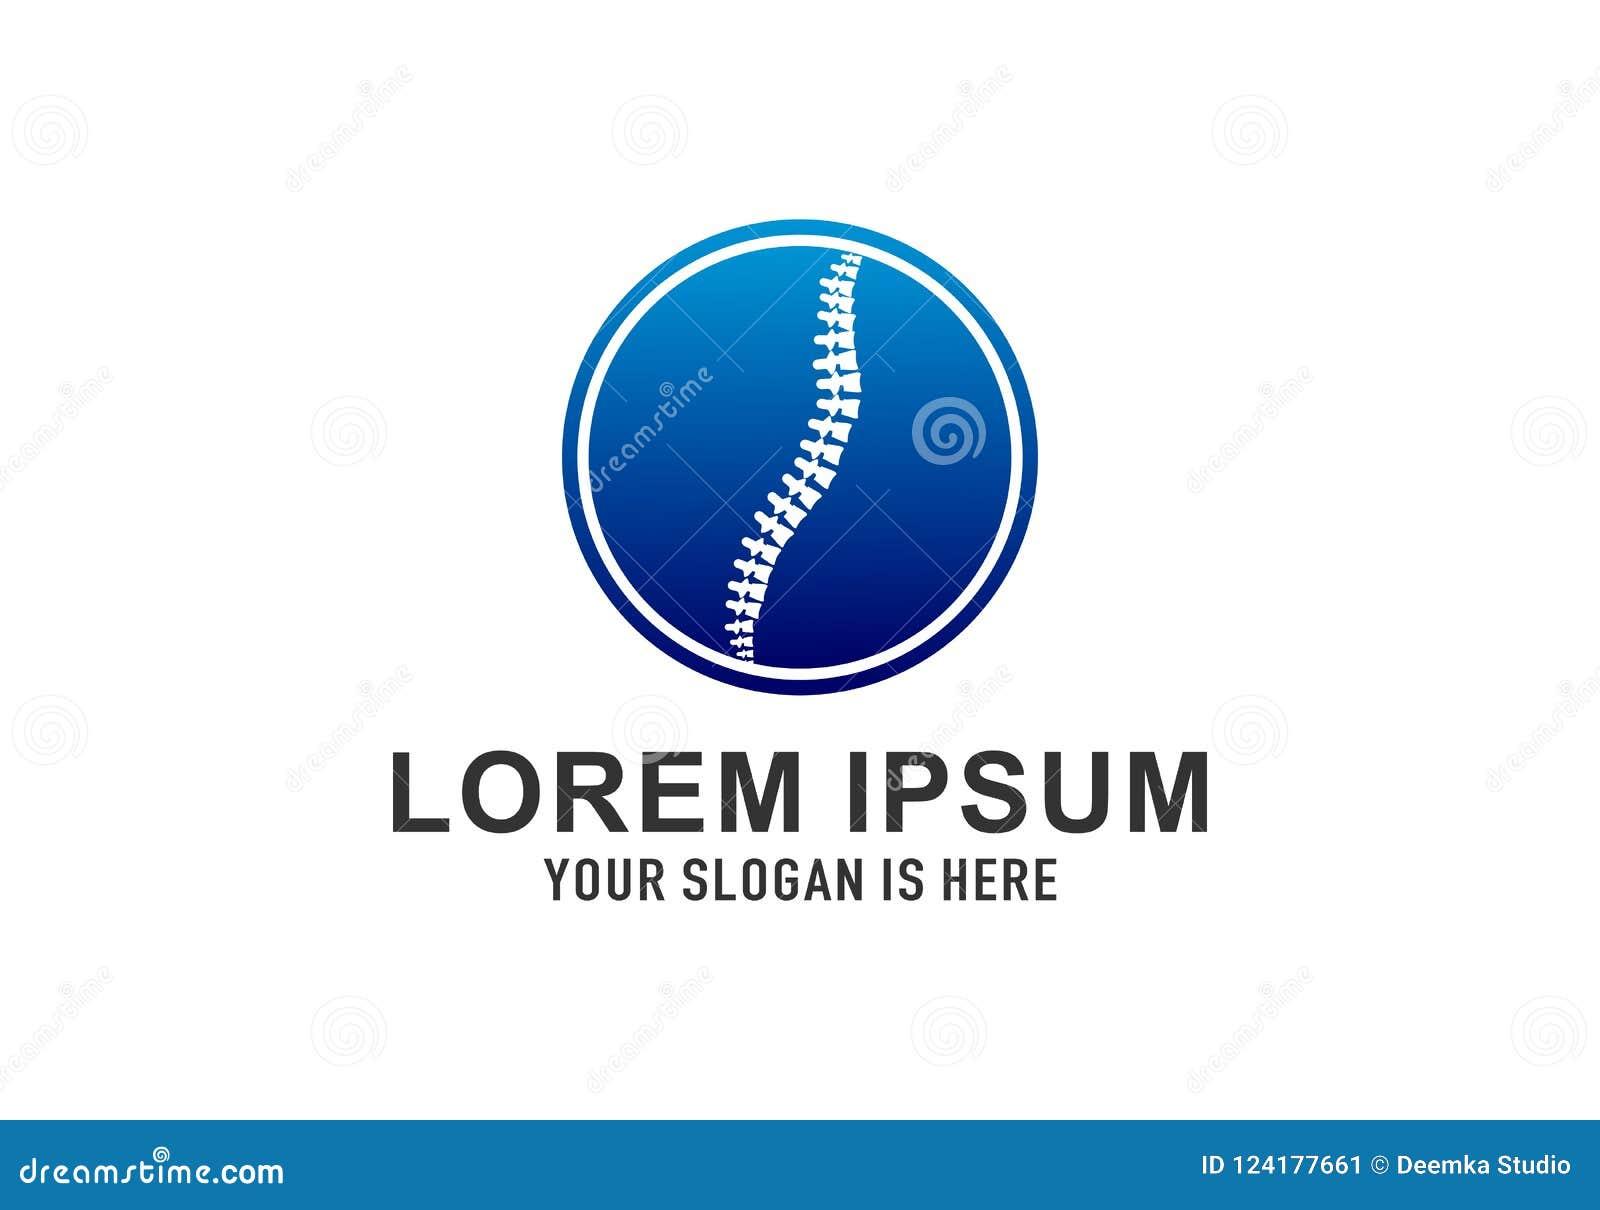 Logo Template Design Vector ortopédico, emblema, concepto de diseño, símbolo creativo, icono